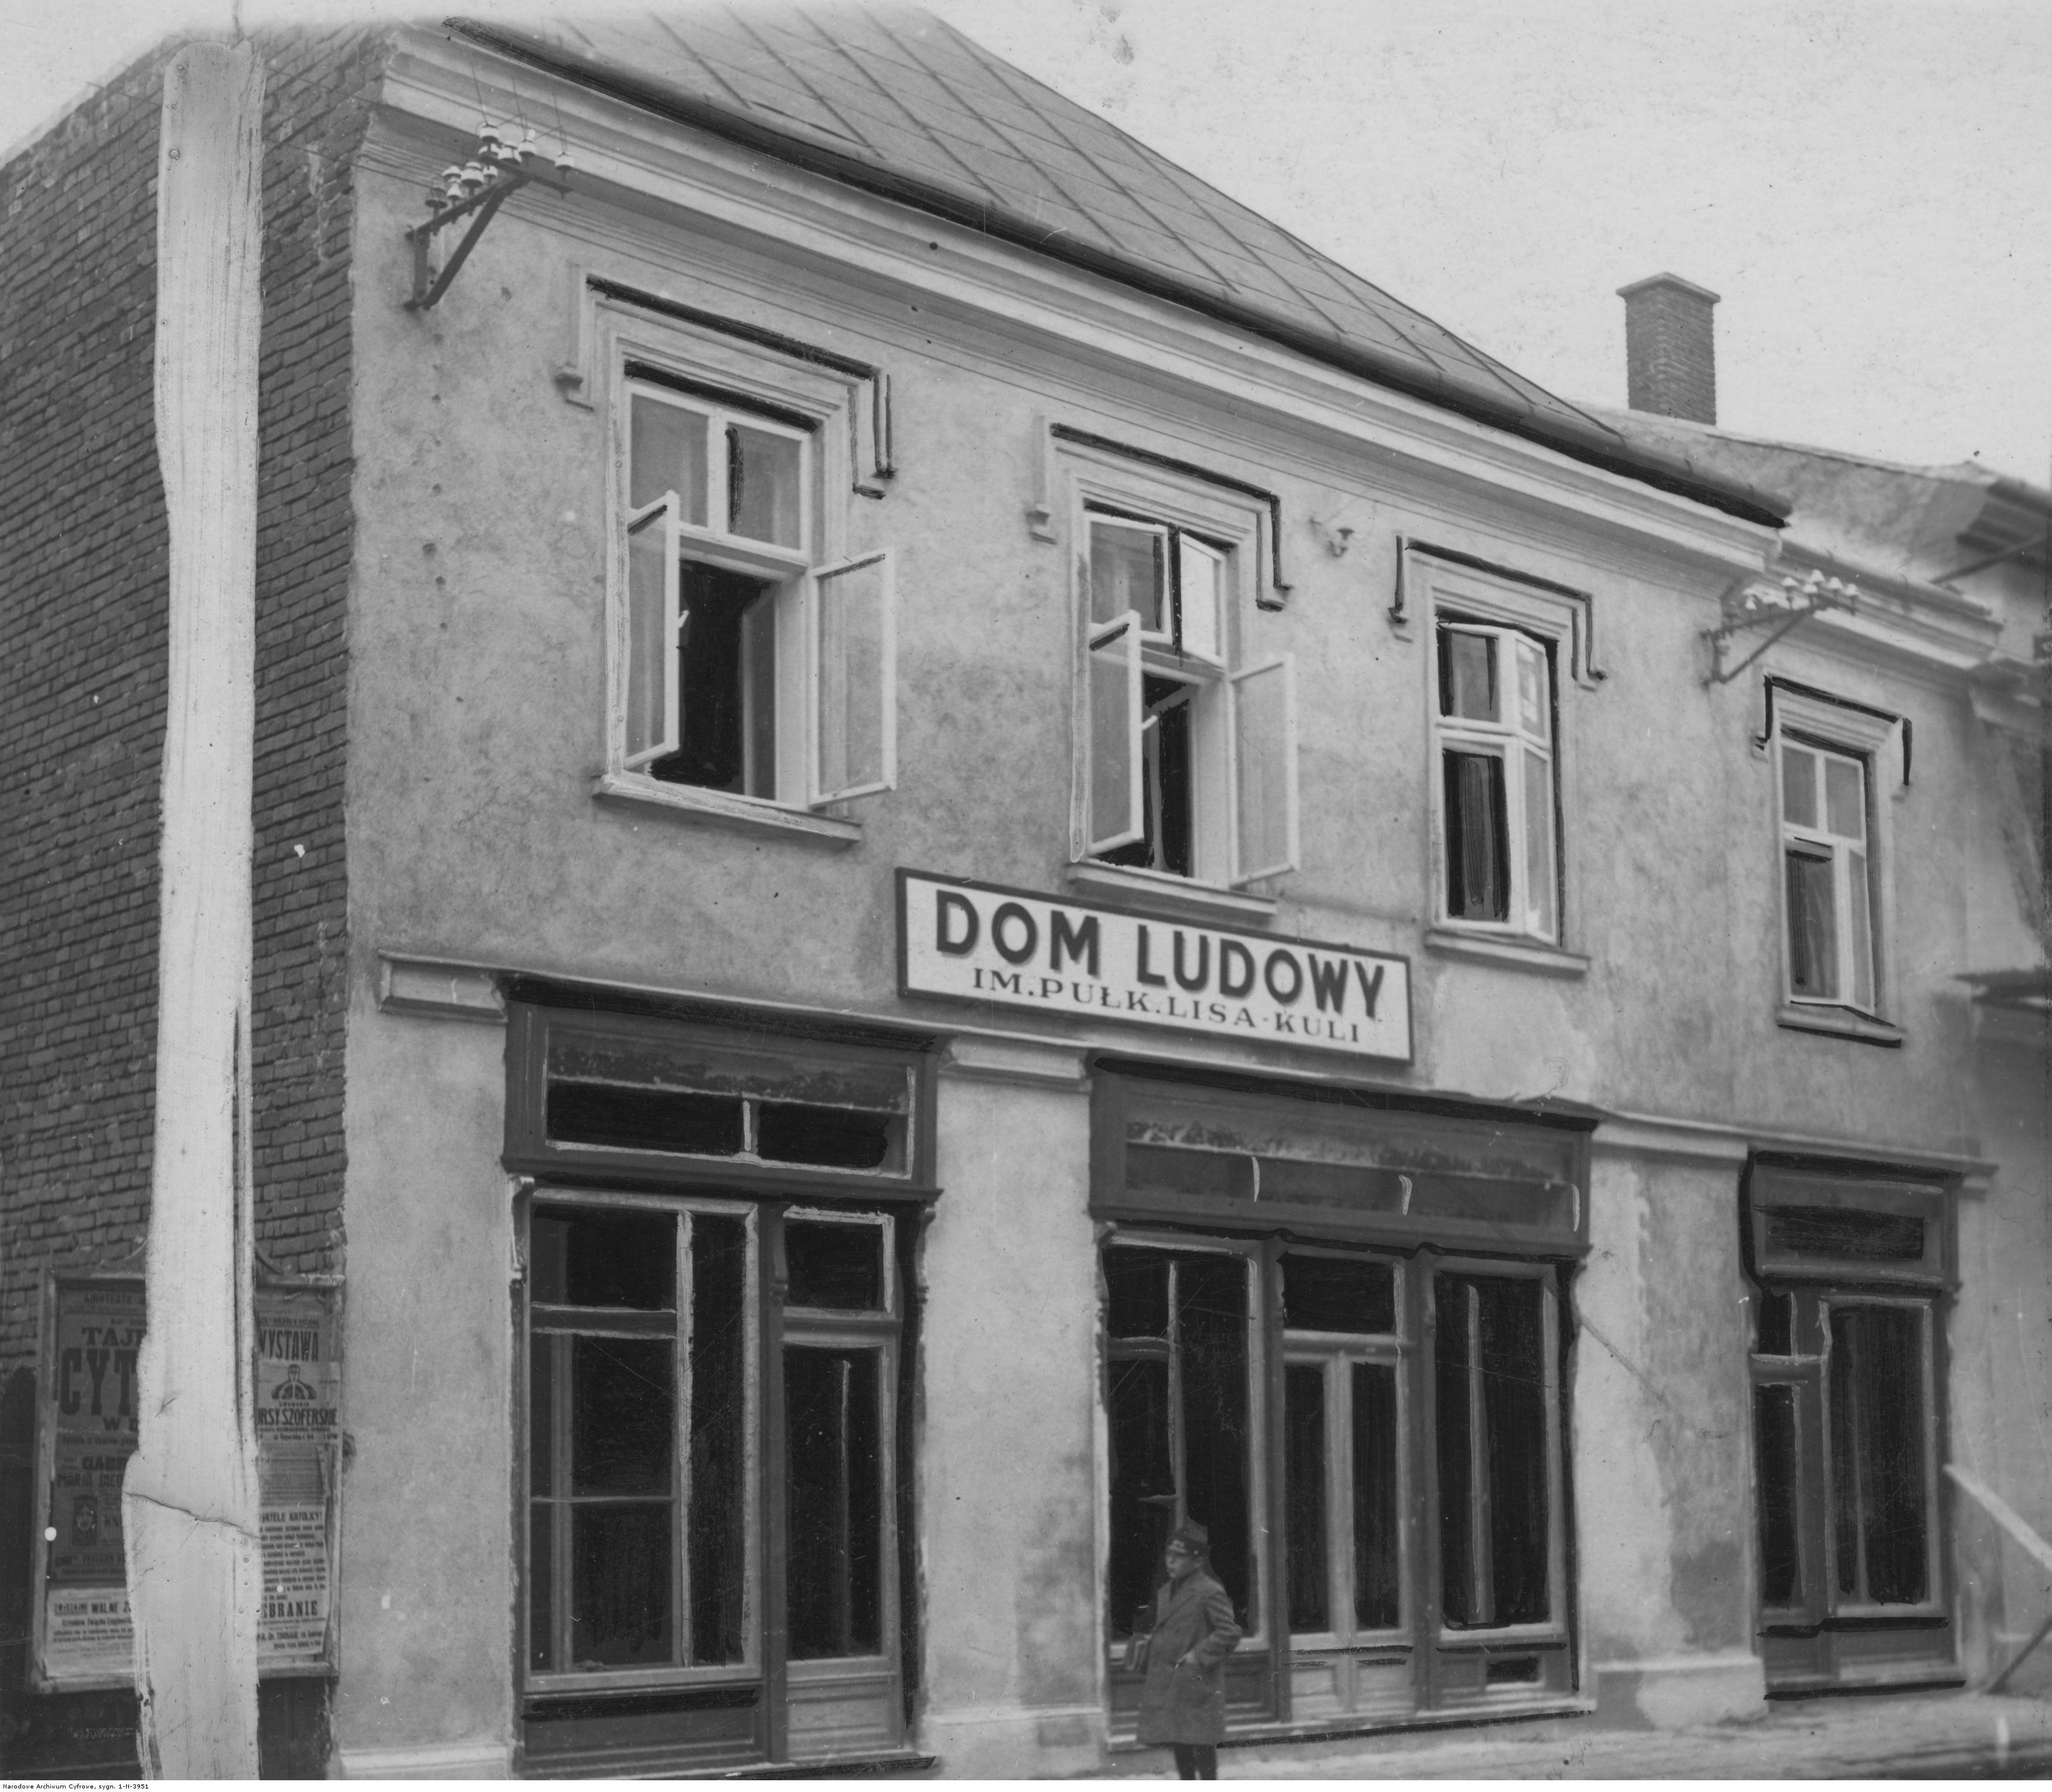 Dom Ludowy w Rzeszowie im. Pułkownika Lis-Kuli, rok 1925-1939